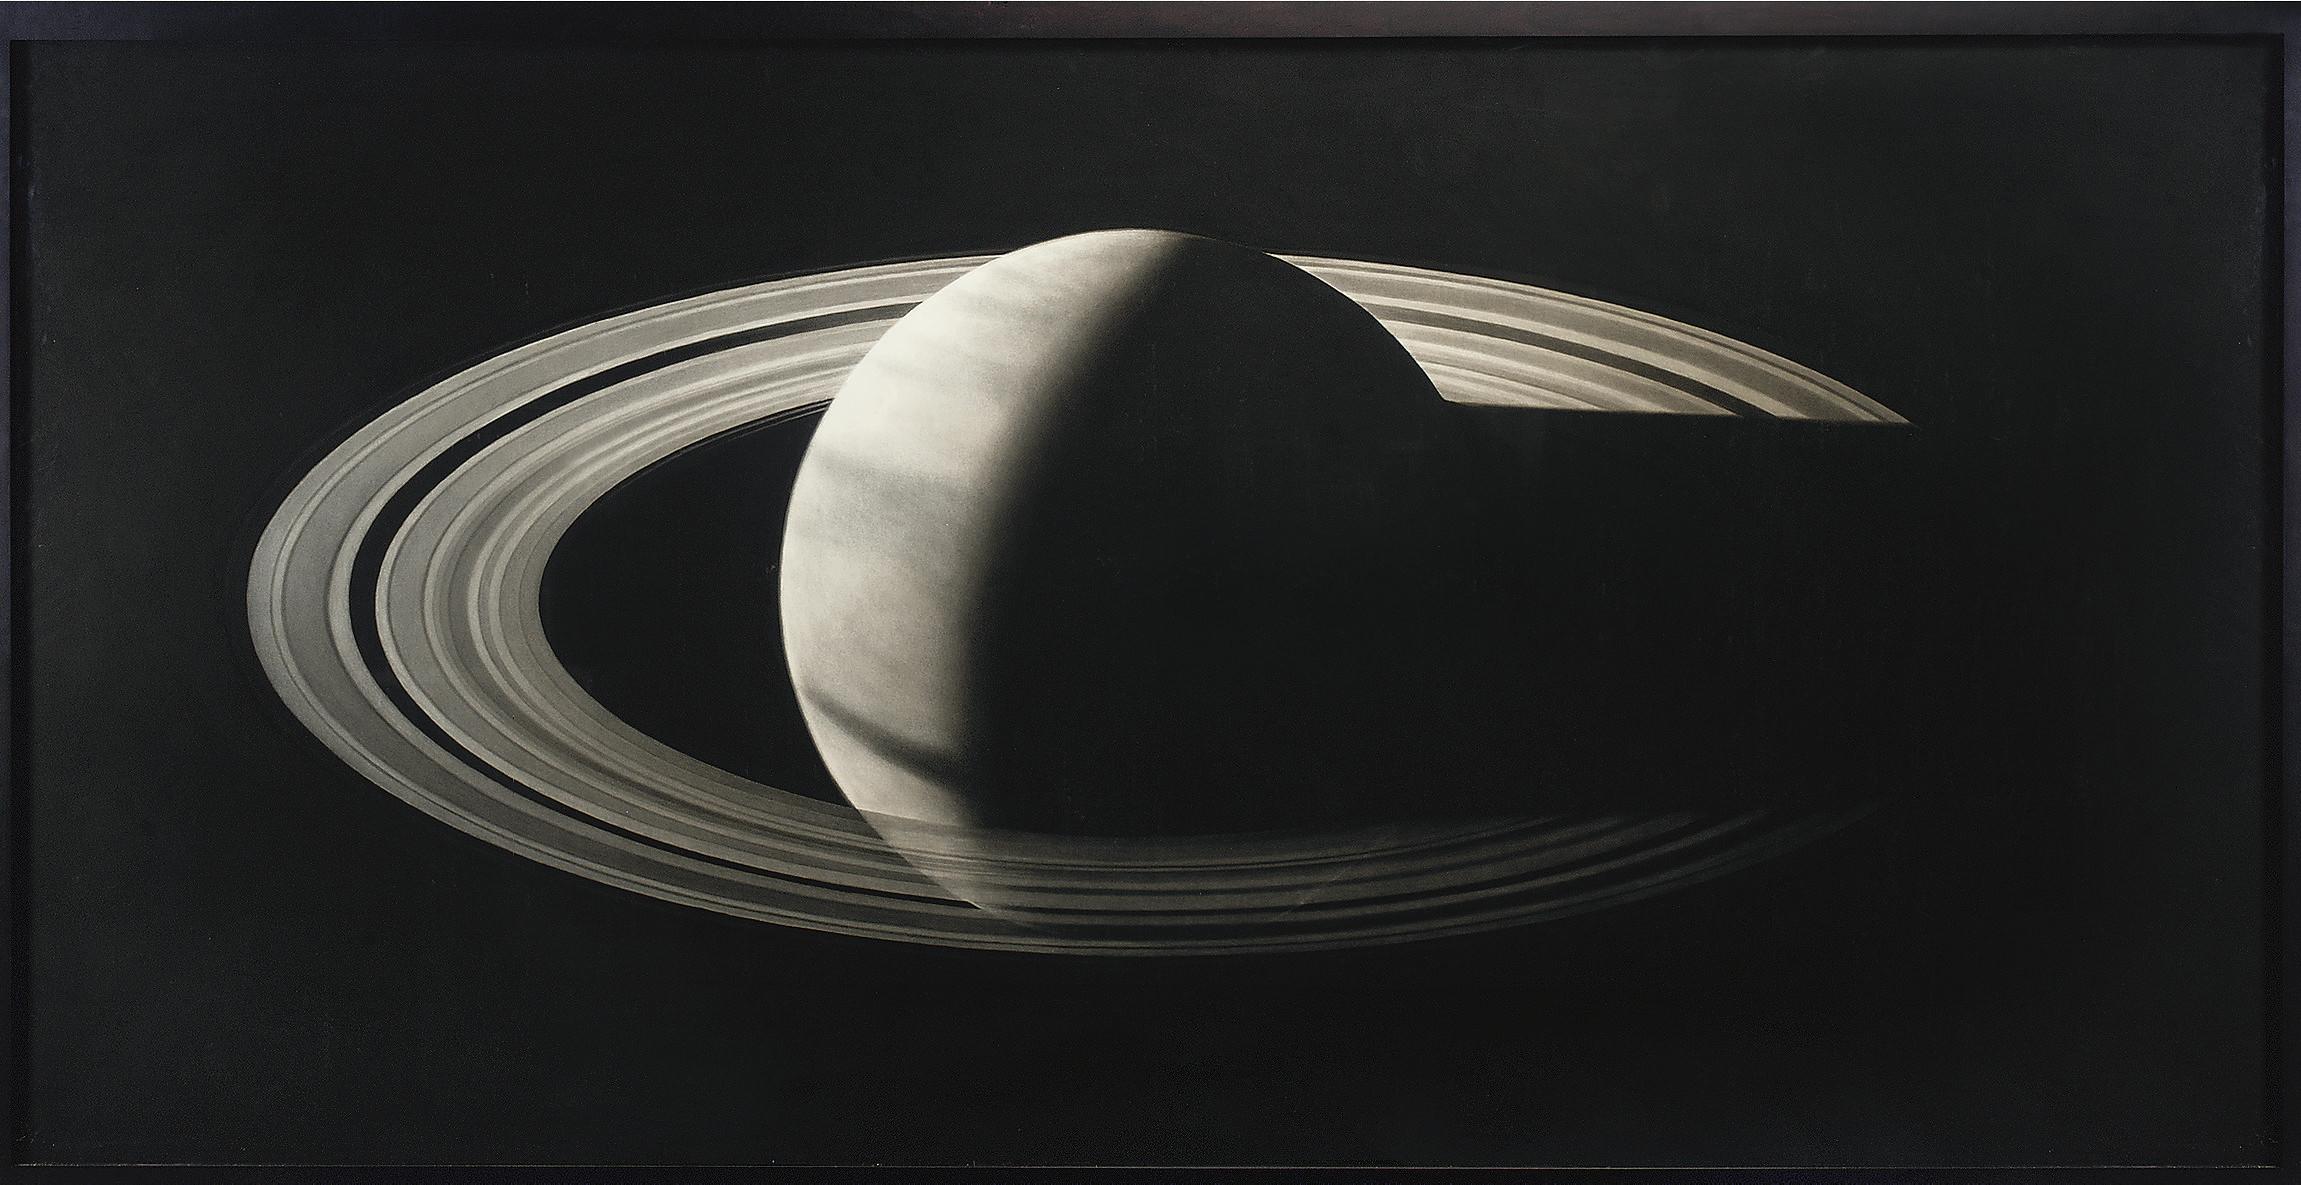 Untitled (Saturn)